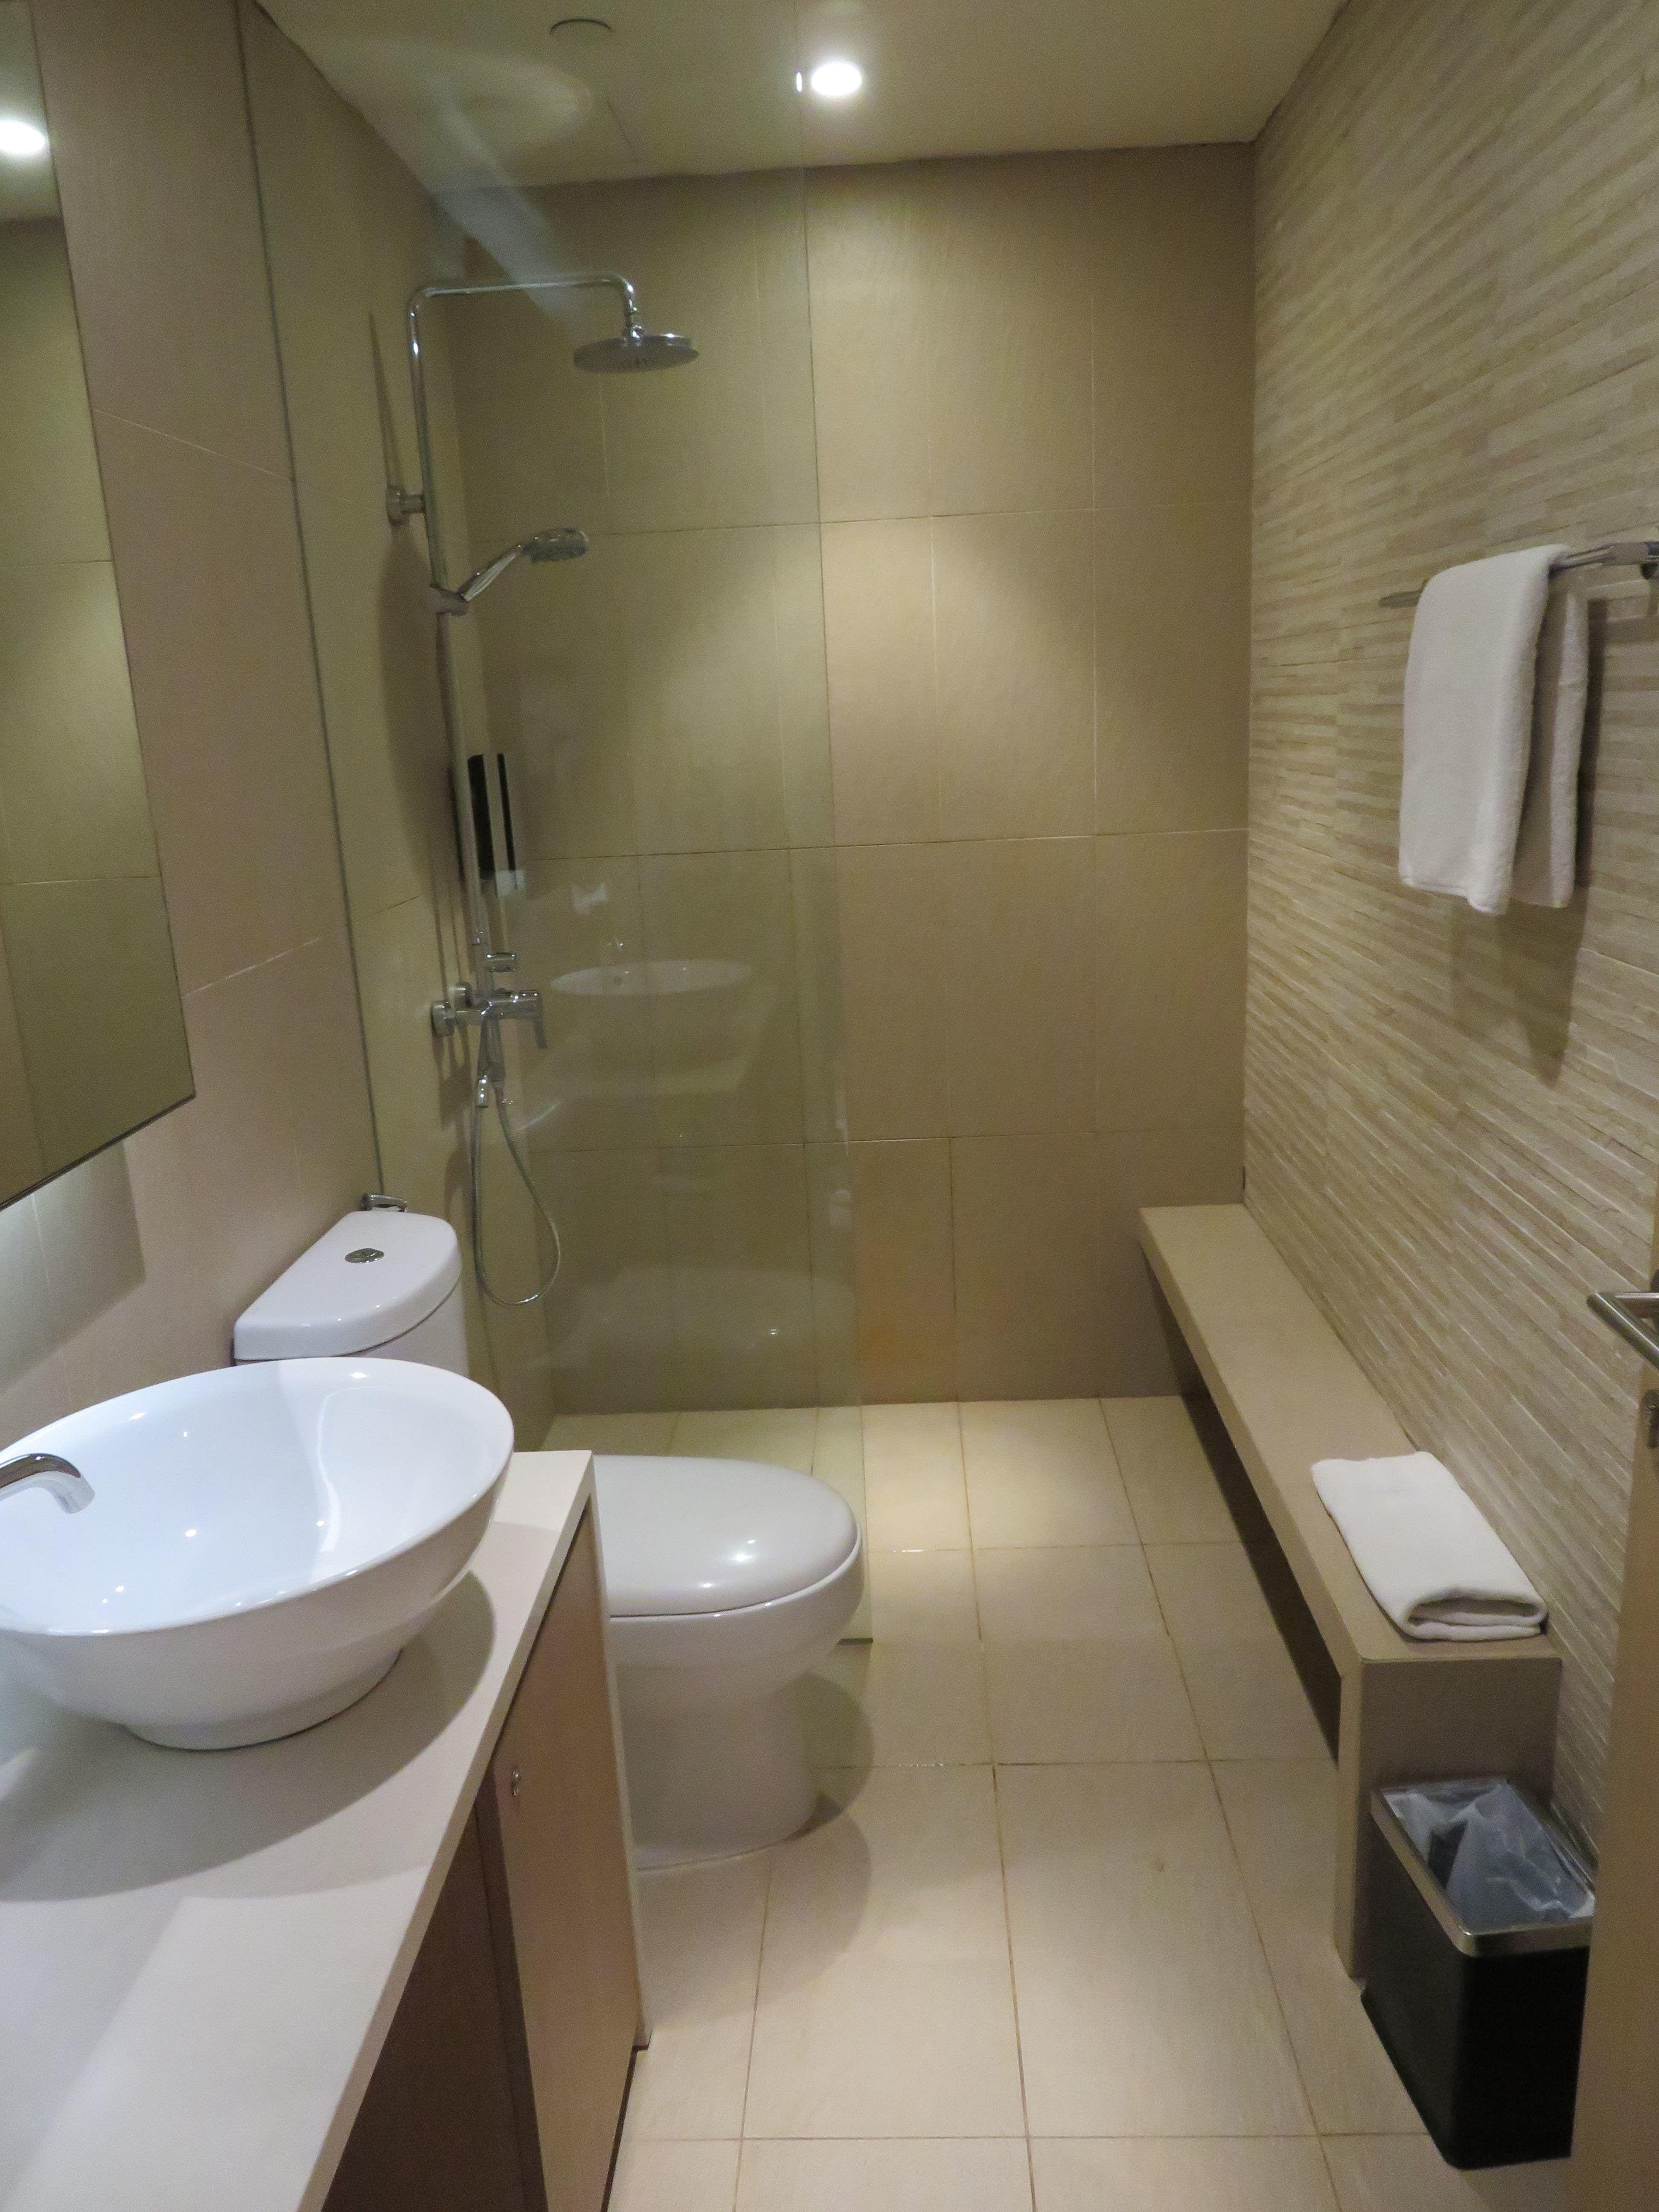 ザ・ヘイブンのシャワー室